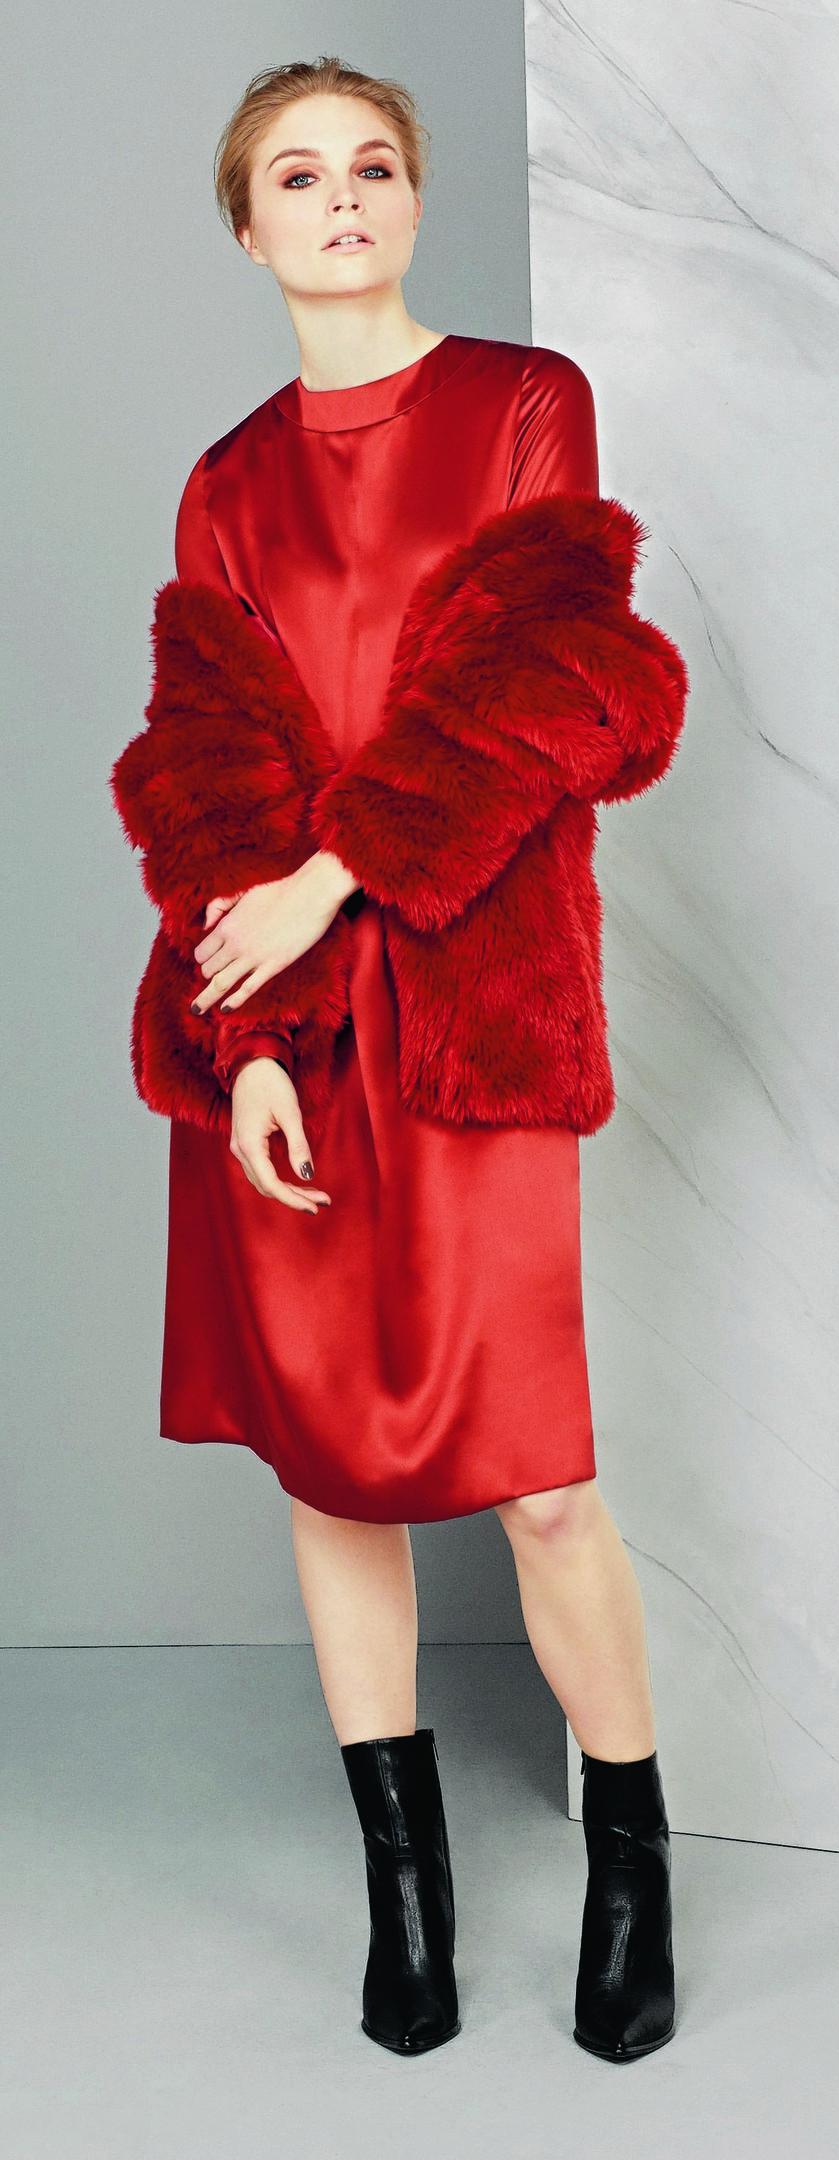 Autograph faux fur jacket, £129; Autograph dress, £89; boots, £85; all Marks & Spencer